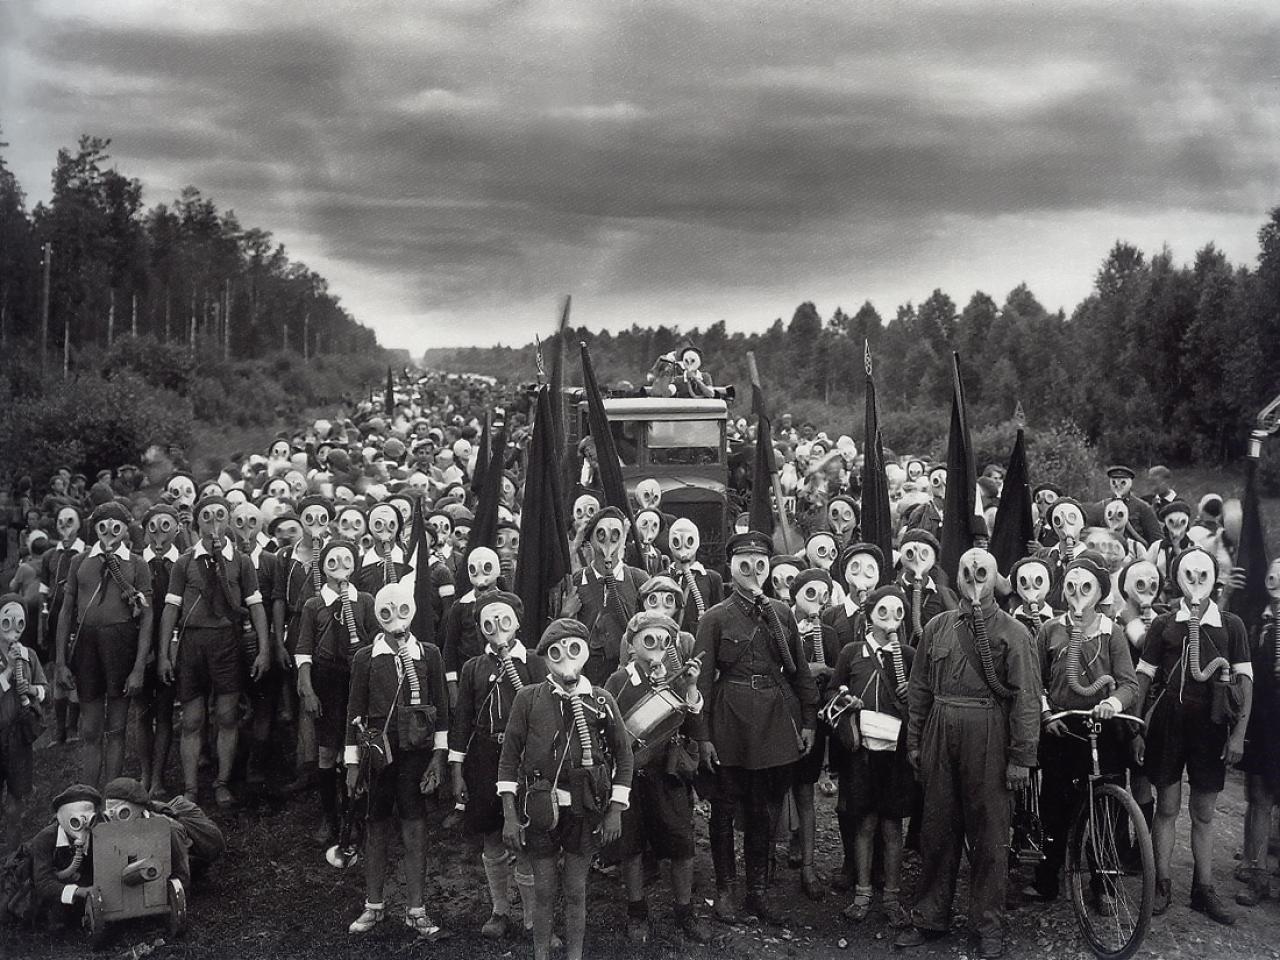 27 редчайших фото из прошлого, которые точно изменят ваше восприятие истории